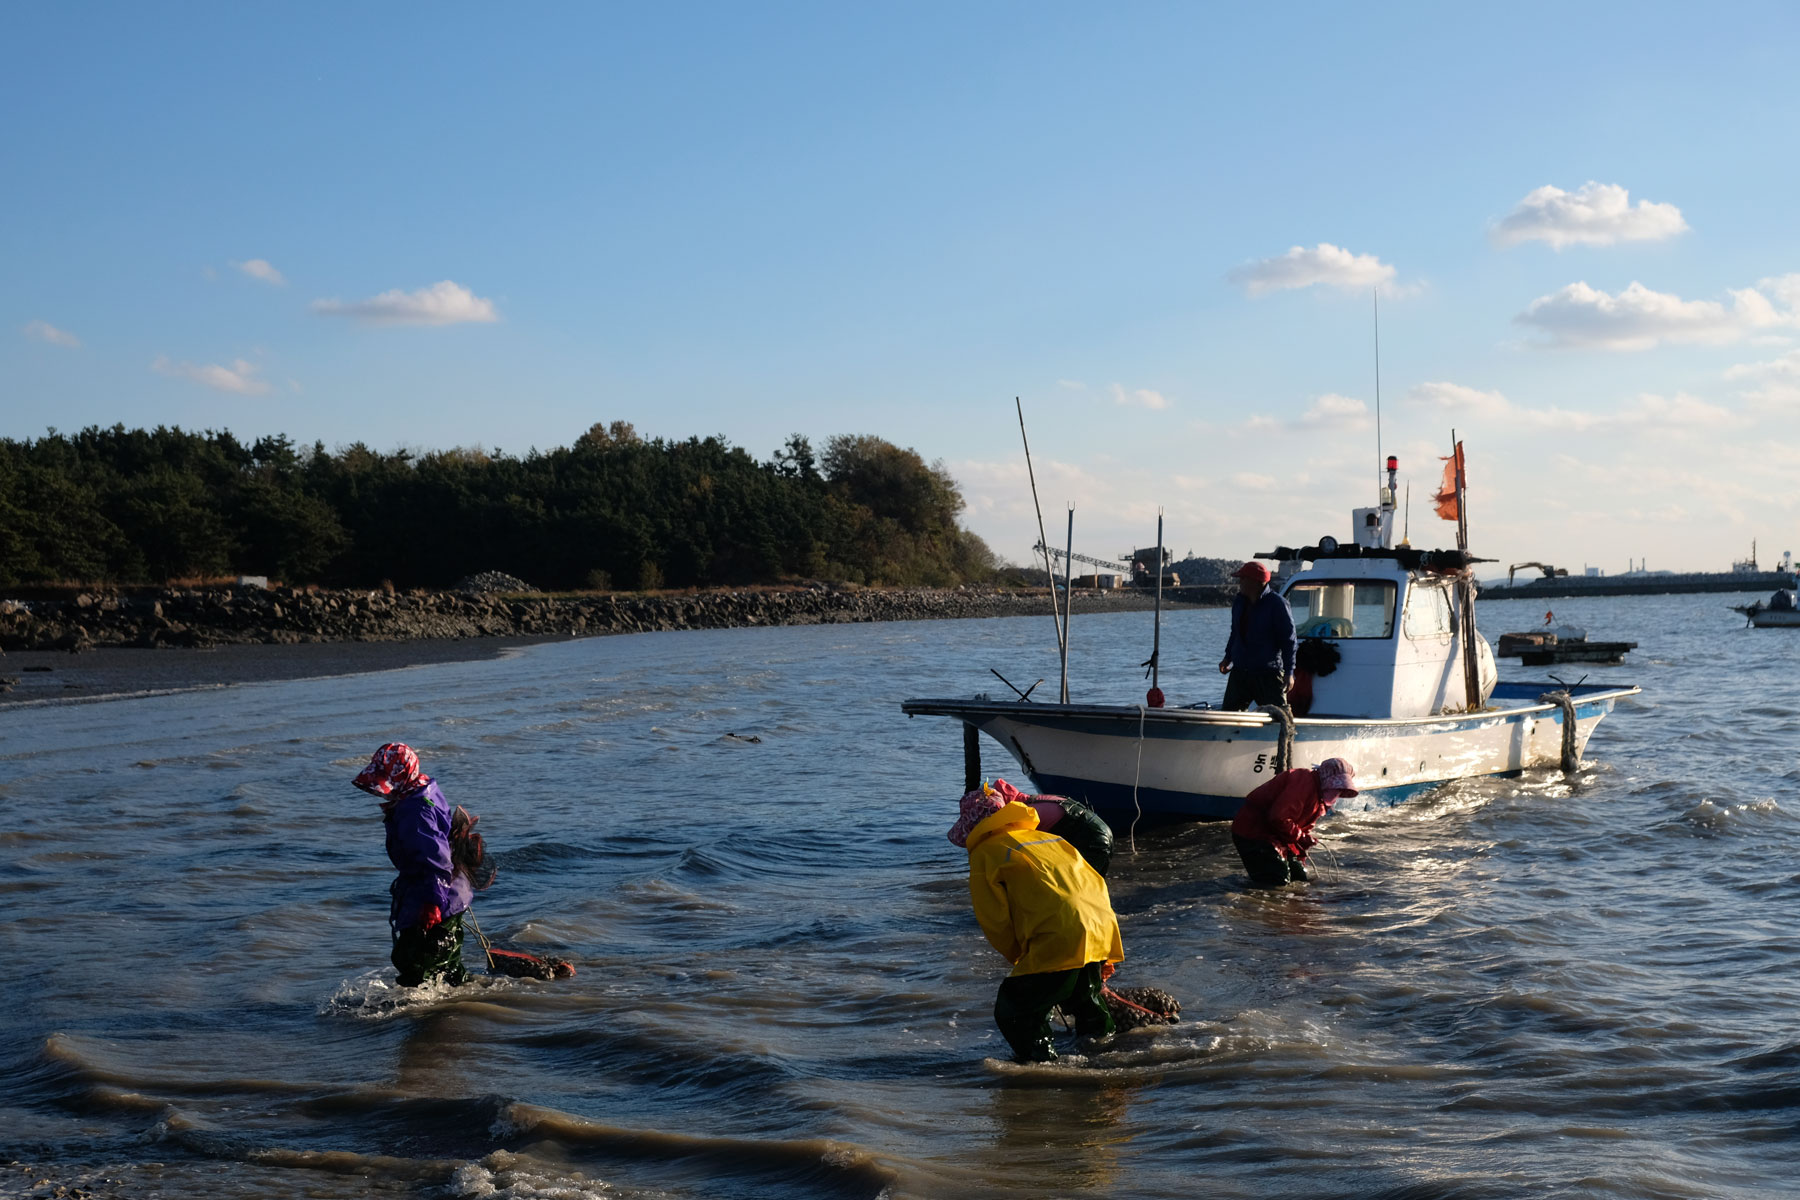 Muschelsammlerinnen bringen ihren Fund an den Strand.